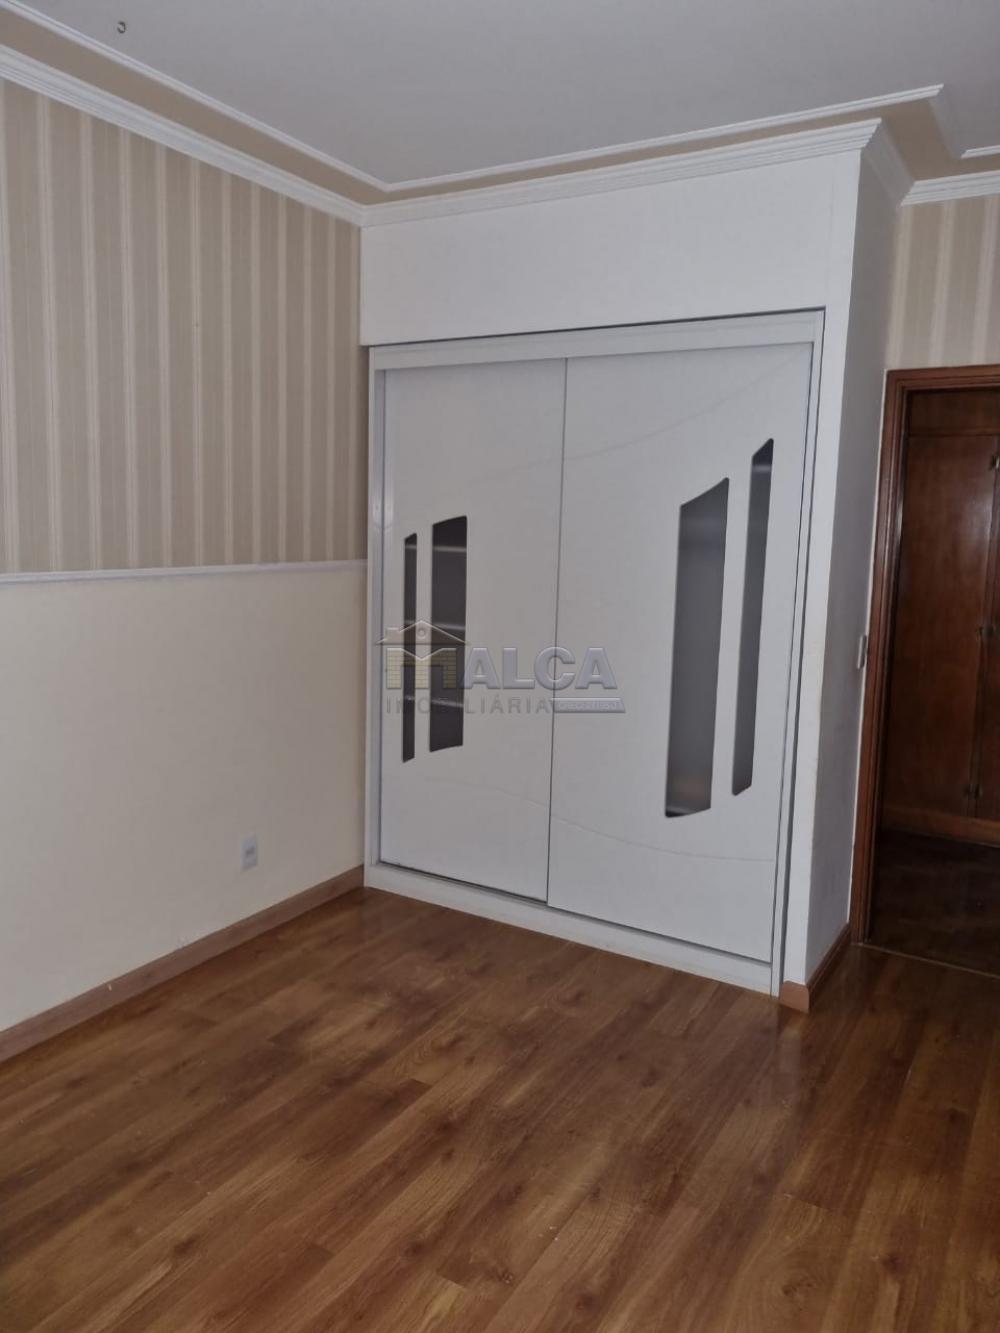 Alugar Casas / Padrão em São José do Rio Pardo R$ 2.950,00 - Foto 21